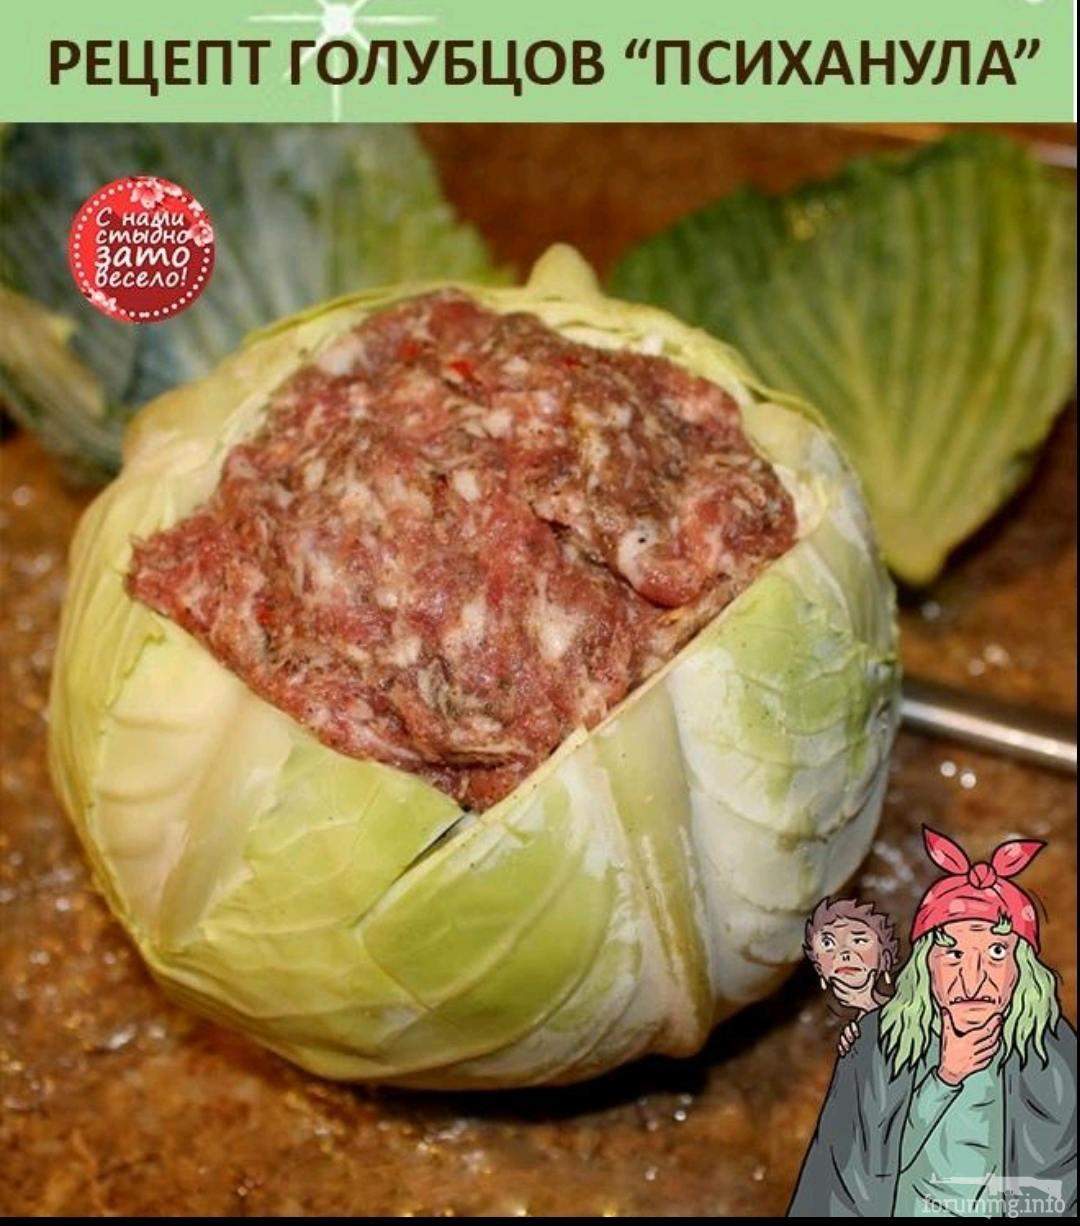 131322 - Закуски на огне (мангал, барбекю и т.д.) и кулинария вообще. Советы и рецепты.